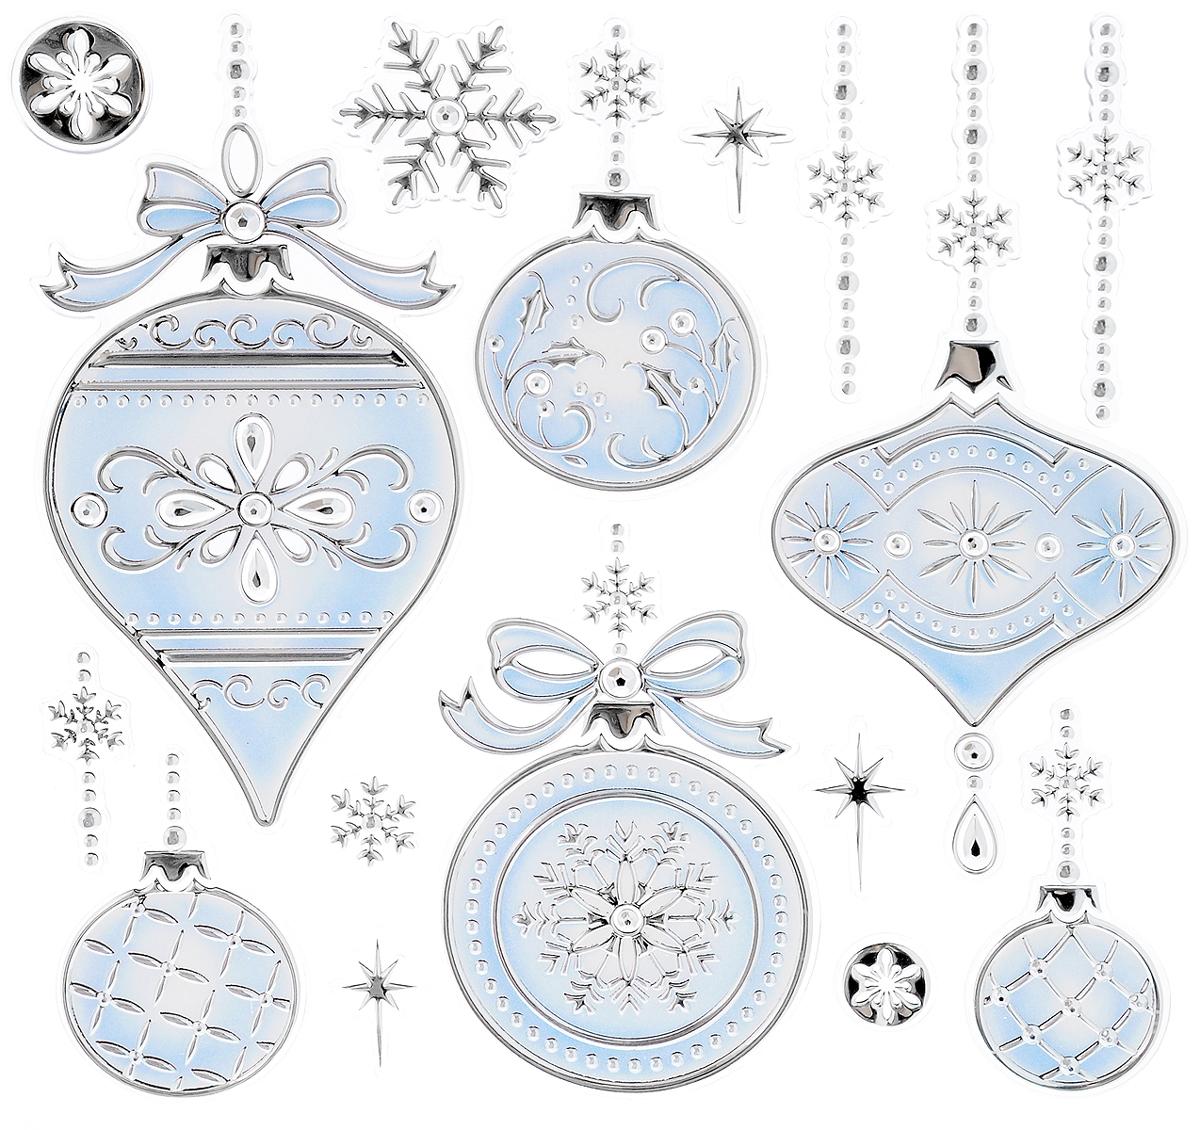 Украшение новогоднее оконное Winter Wings Елочные украшения, 17 штN09341Новогоднее оконное украшение Winter Wings Елочные украшения поможет украсить дом к предстоящим праздникам. Наклейки изготовлены из ПВХ. С помощью этих украшений вы сможете оживить интерьер по своему вкусу, наклеить их на окно, на зеркало или на дверь. Новогодние украшения всегда несут в себе волшебство и красоту праздника. Создайте в своем доме атмосферу тепла, веселья и радости, украшая его всей семьей. Размер листа: 18 х 24 см. Количество наклеек на листе: 17 шт. Размер самой большой наклейки: 13 х 6 см. Размер самой маленькой наклейки: 2,3 х 1,7 см.